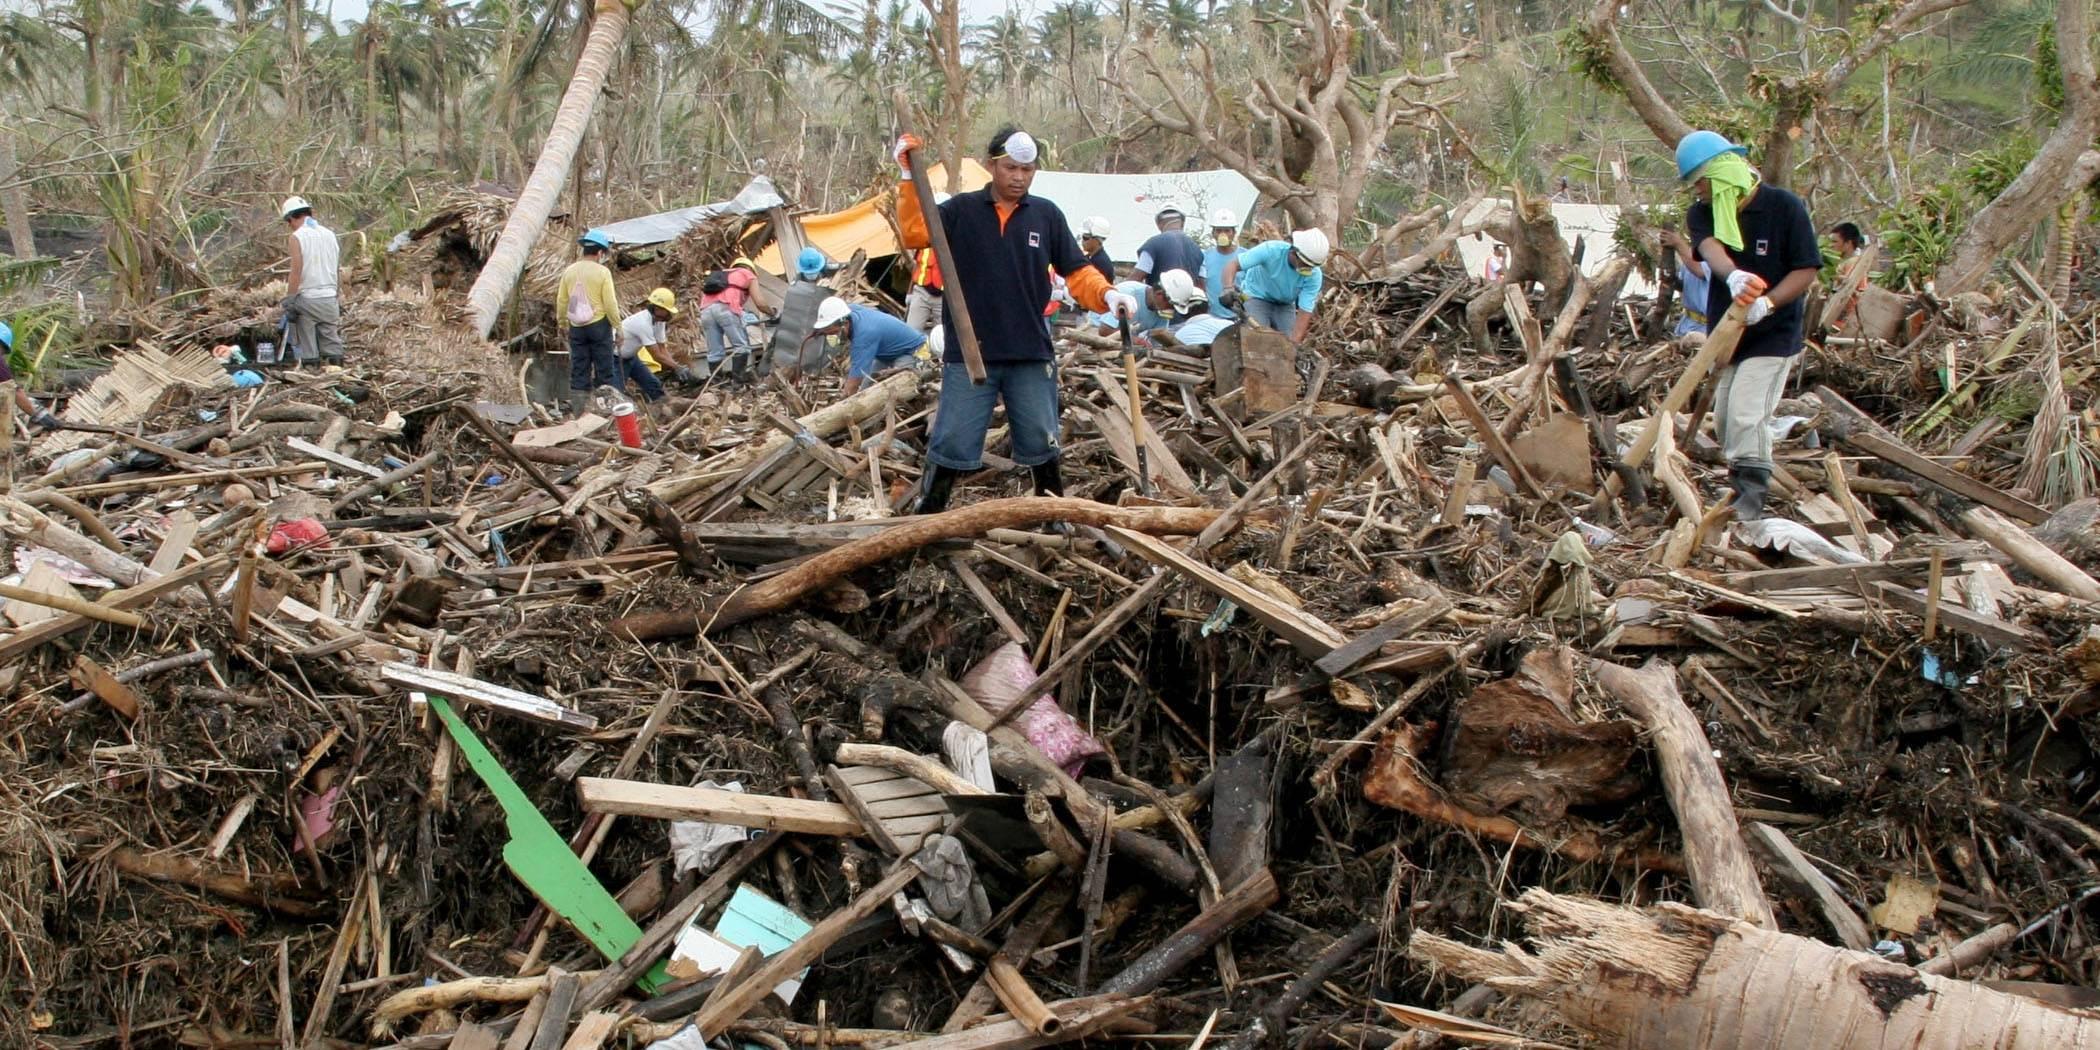 Den internationale dag for reduktion af katastrofer